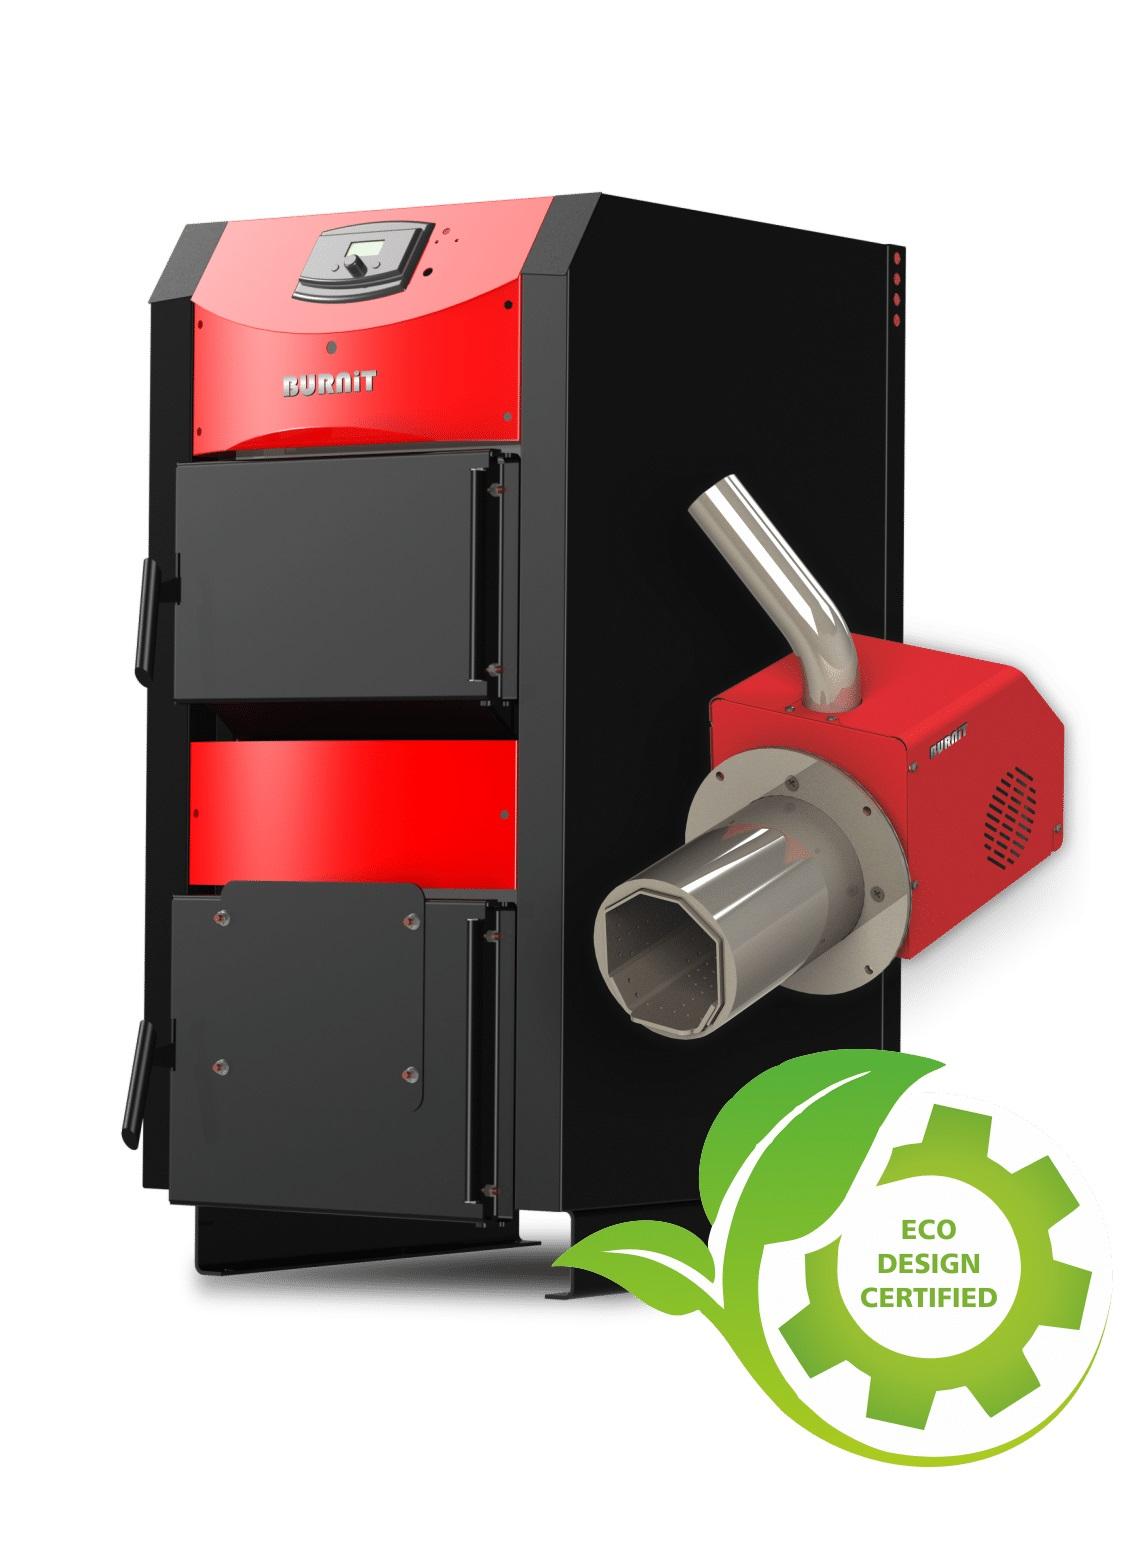 Centrala mixta lemn si peleti Burnit WBS AC 50 kW si Arzator pe peleti Pell Eco 35 kW imagine fornello.ro